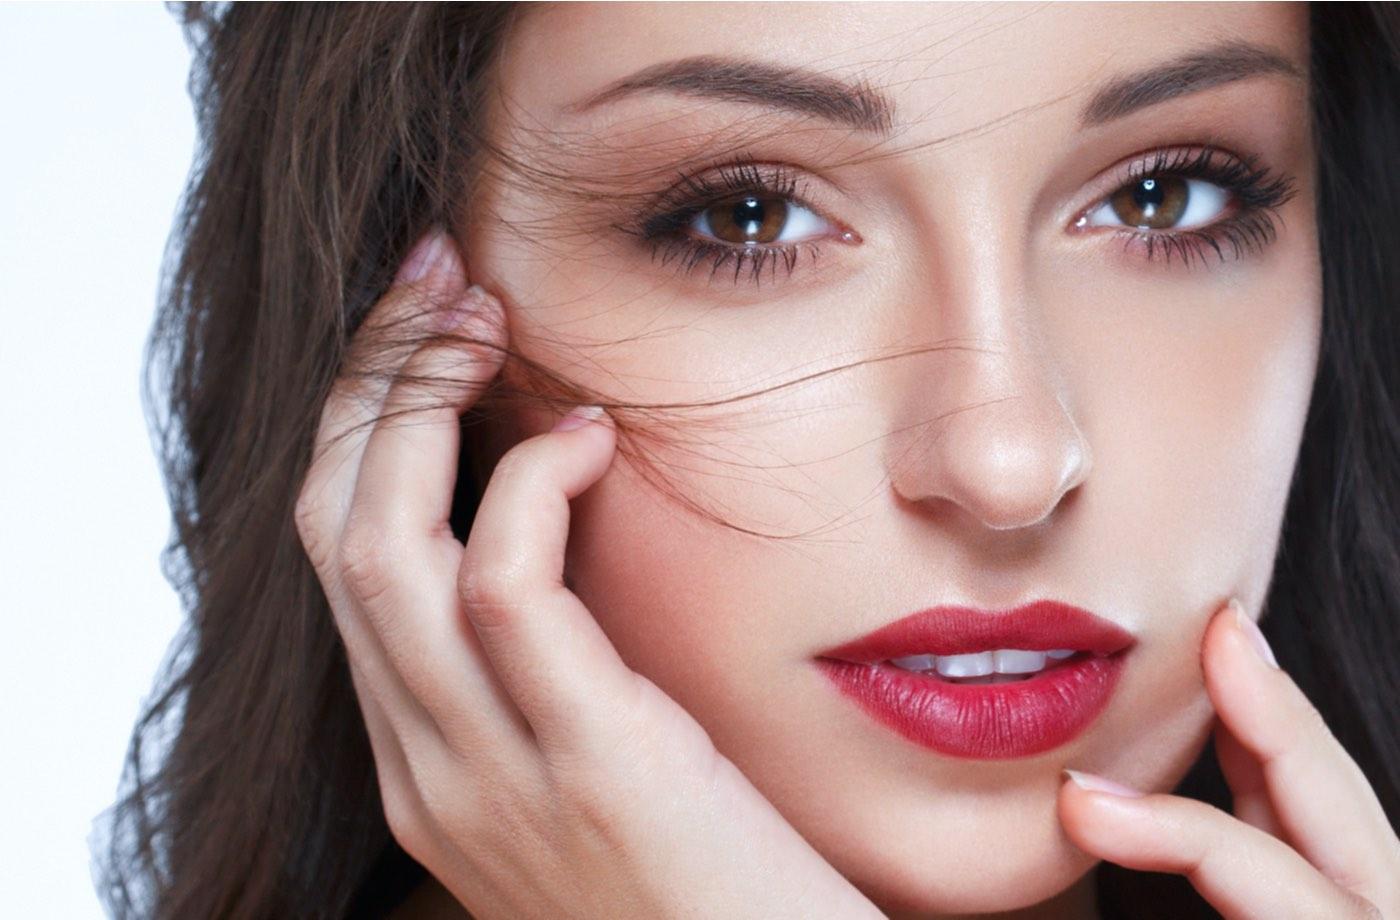 Bella mujer de labios rojos, piel sana y curtida belleza